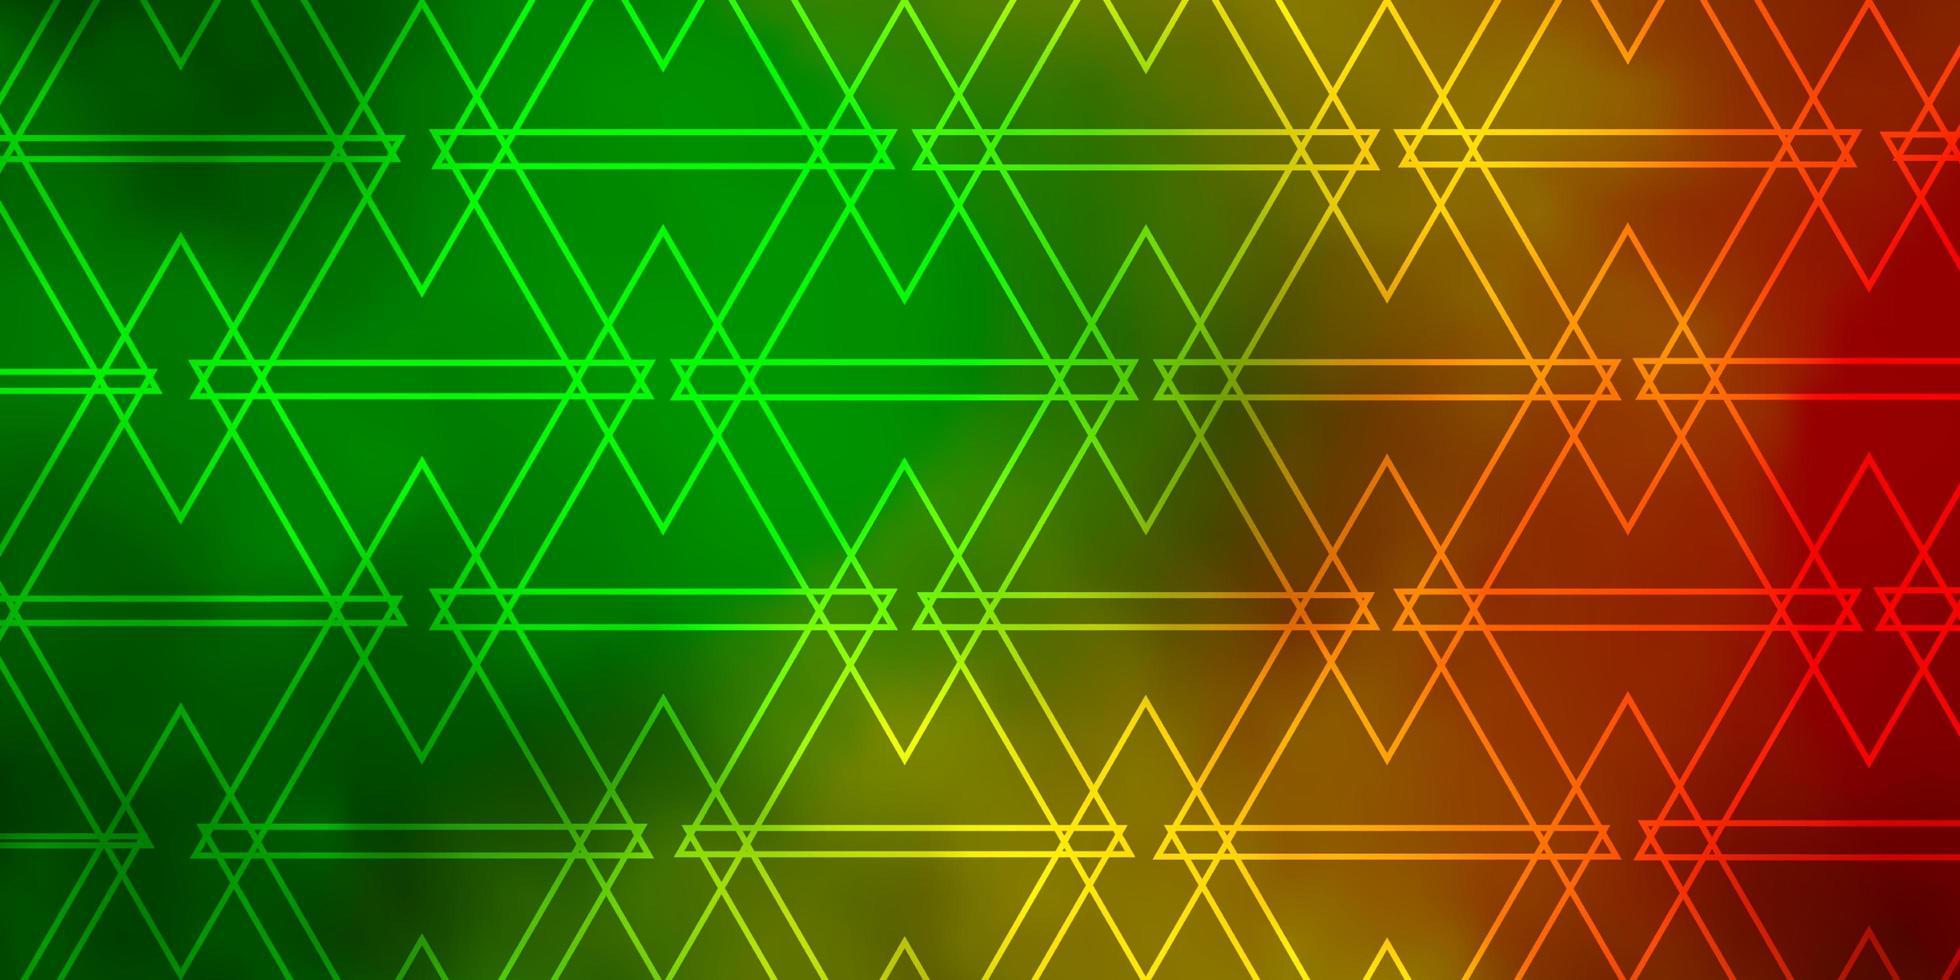 padrão de verde escuro e amarelo com estilo poligonal. vetor